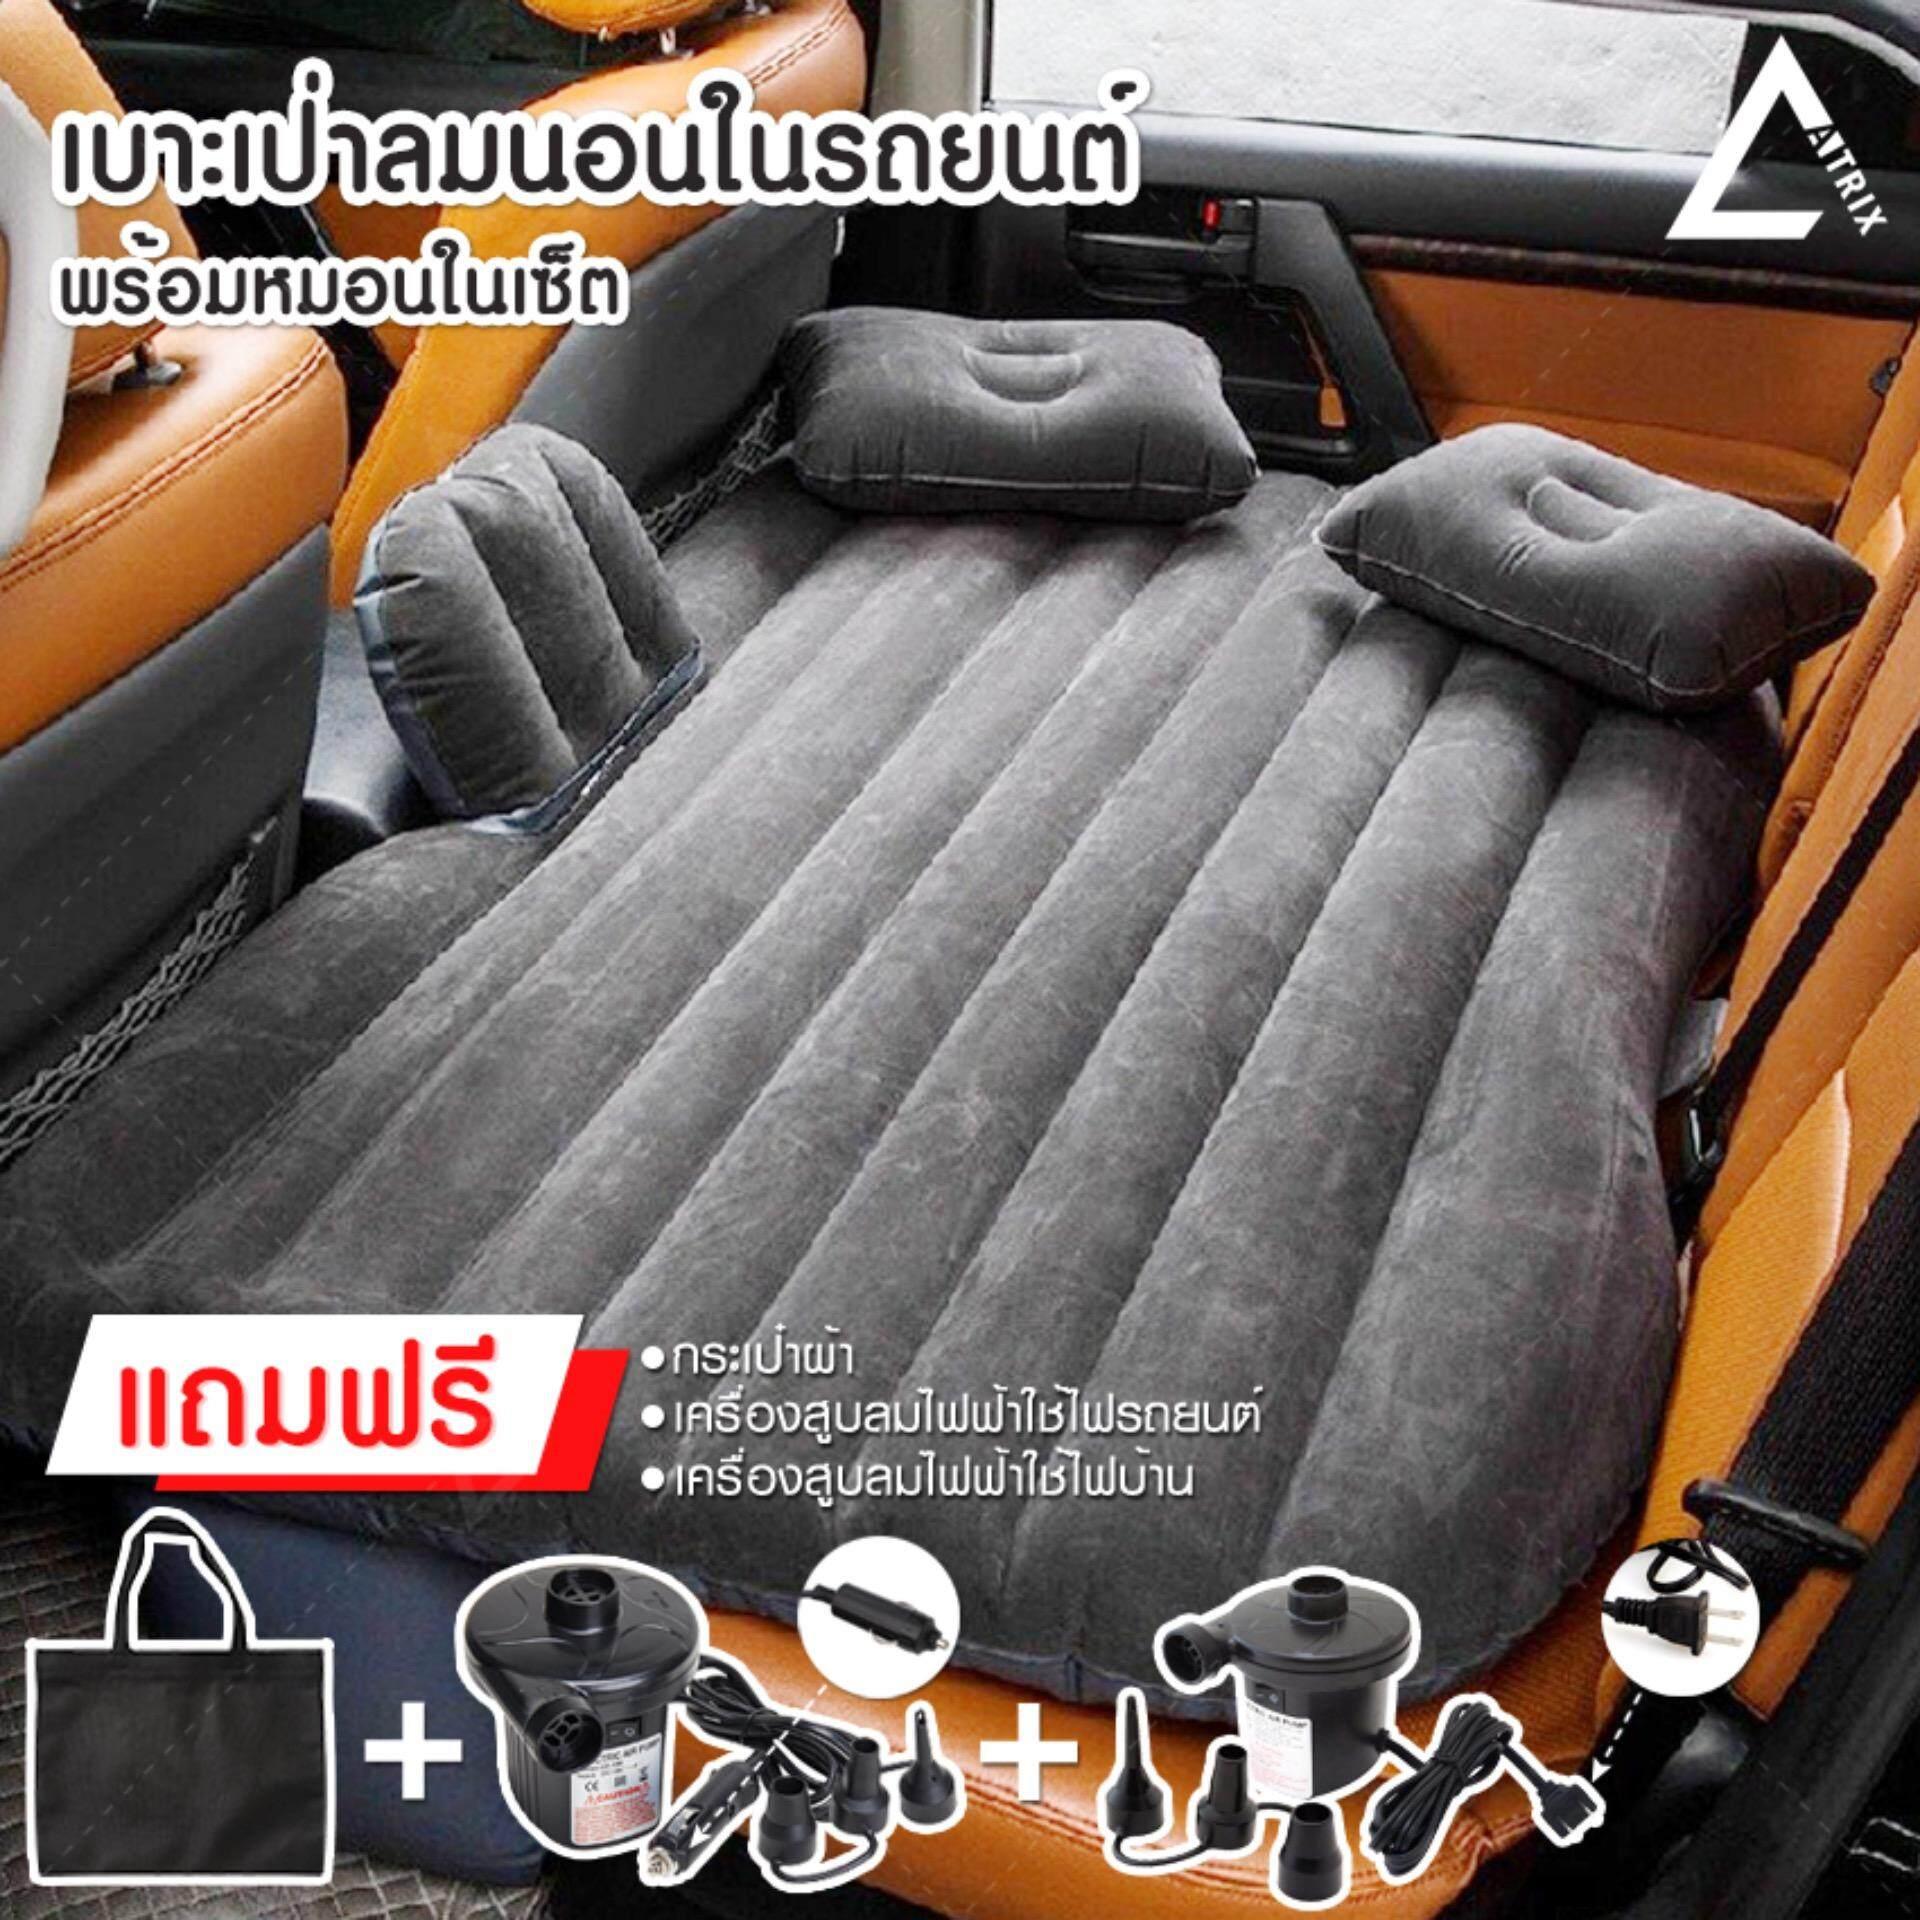 ส่วนลด Atrix ซื้อ 1 ได้ถึง 2 เบาะเป่าลมนอนในรถยนต์ ที่นอนในรถ Inflatable Bed In Car มีที่กันคอนโซลหน้า พื้นผิวกำมะหยี่นุ่มสบาย ทนทาน ยืดหยุ่นสูงใช้เป็นเบาะรองนั่งนอกสถานที่ เป็นแพลอยในน้ำได้ รุ่น Kds 0009 สีดำ Black แถมฟรี เครื่องสูบลมอัตโนมัติรุ่น Kdh 0026 Atrix Thailand